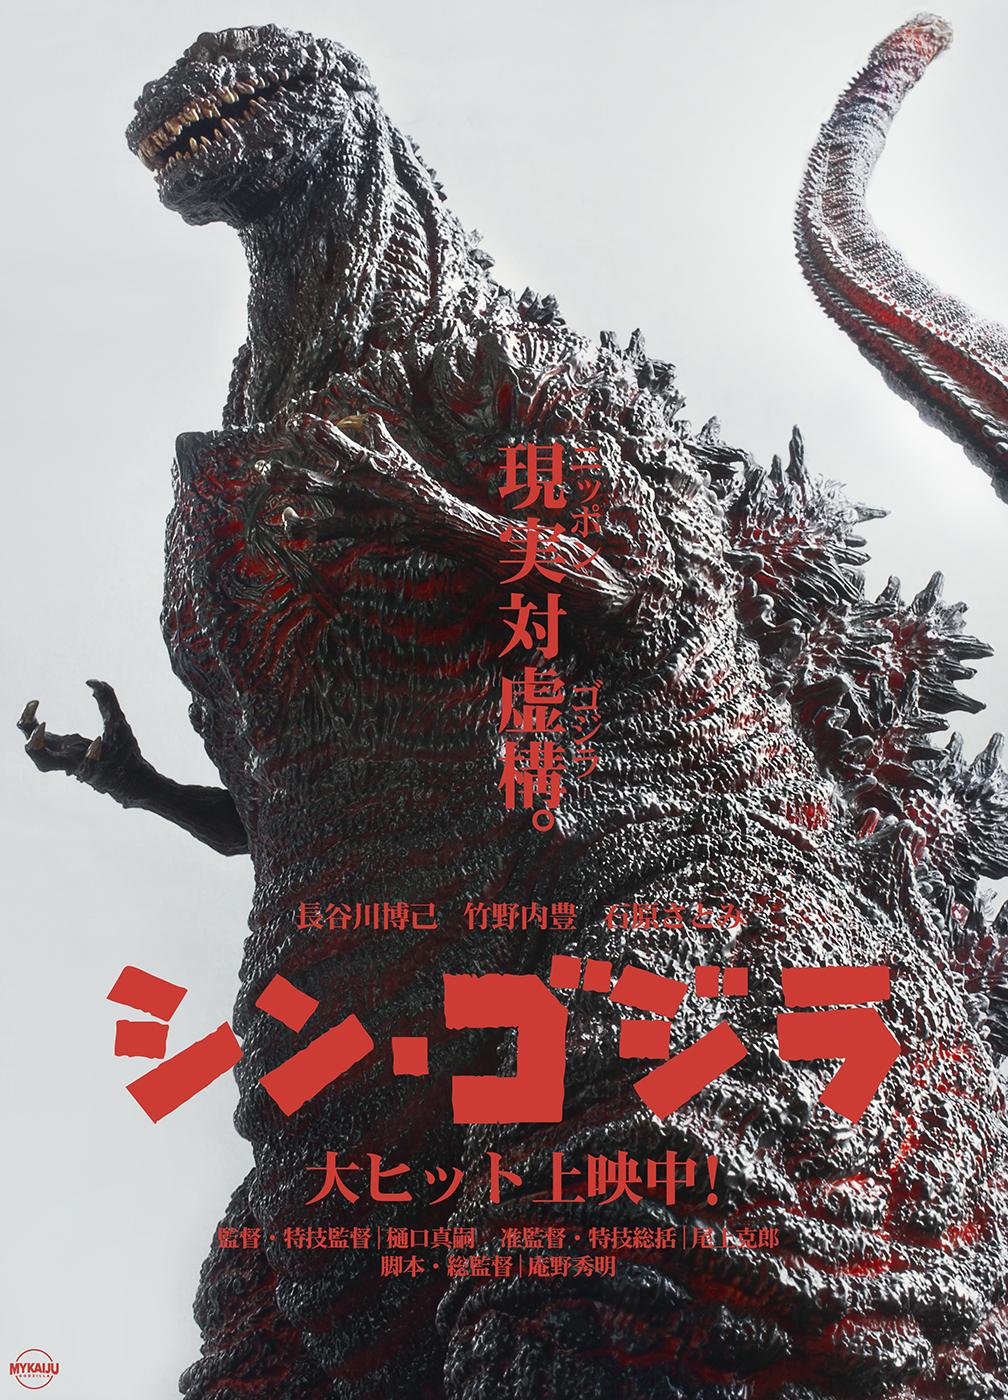 X-Plus Yuji Sakai Collection Shin Godzilla